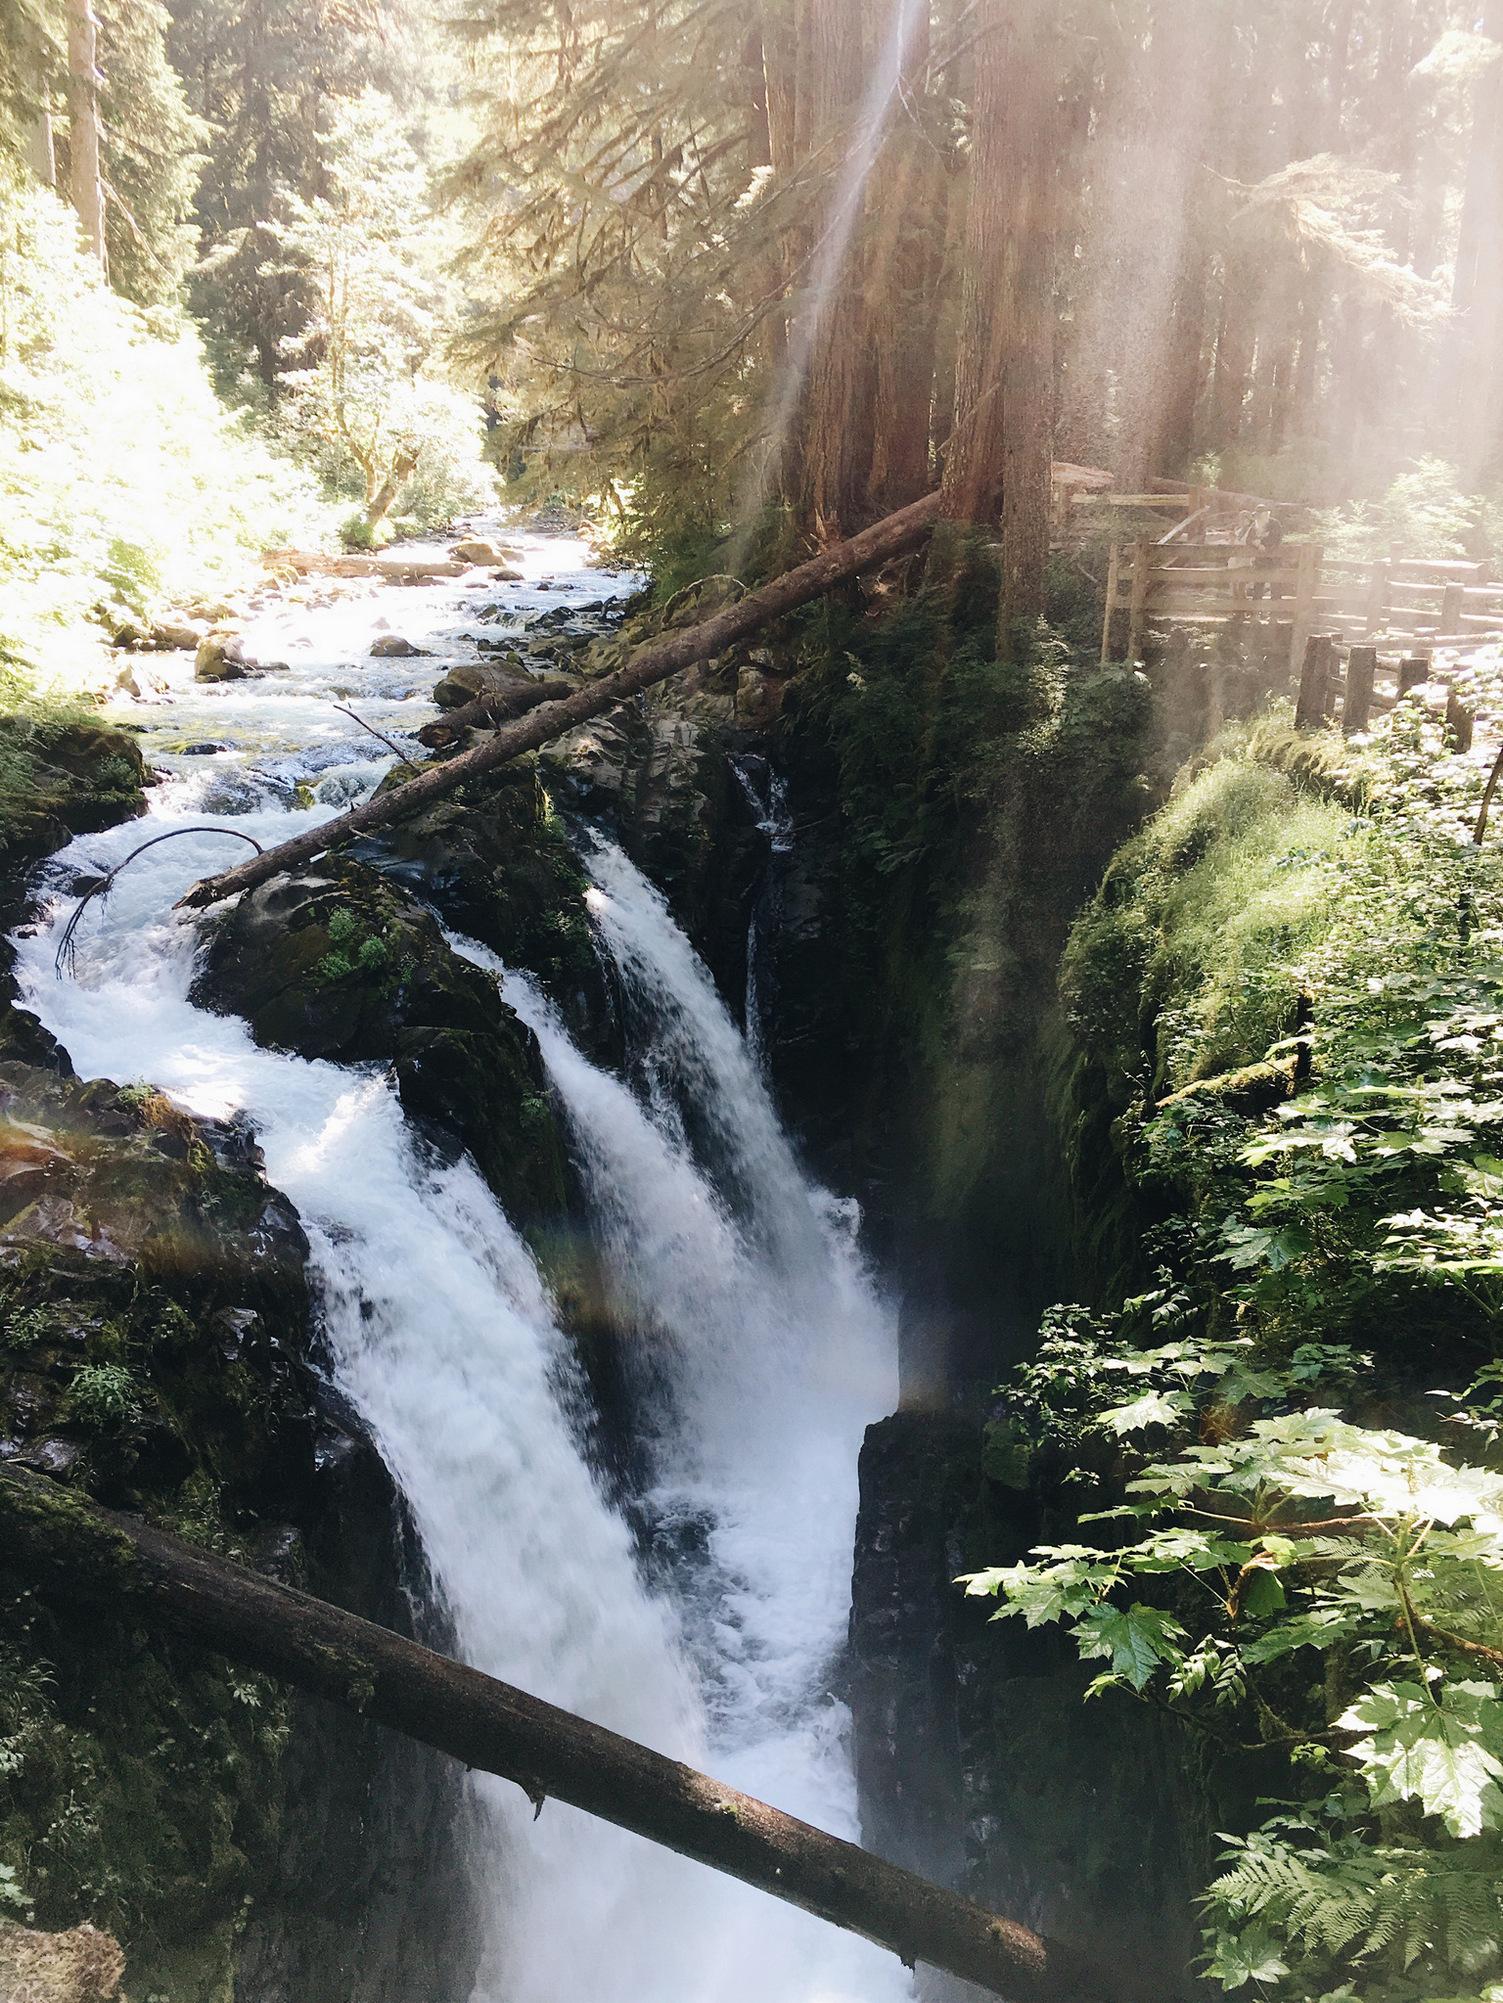 sol duc falls, olympics